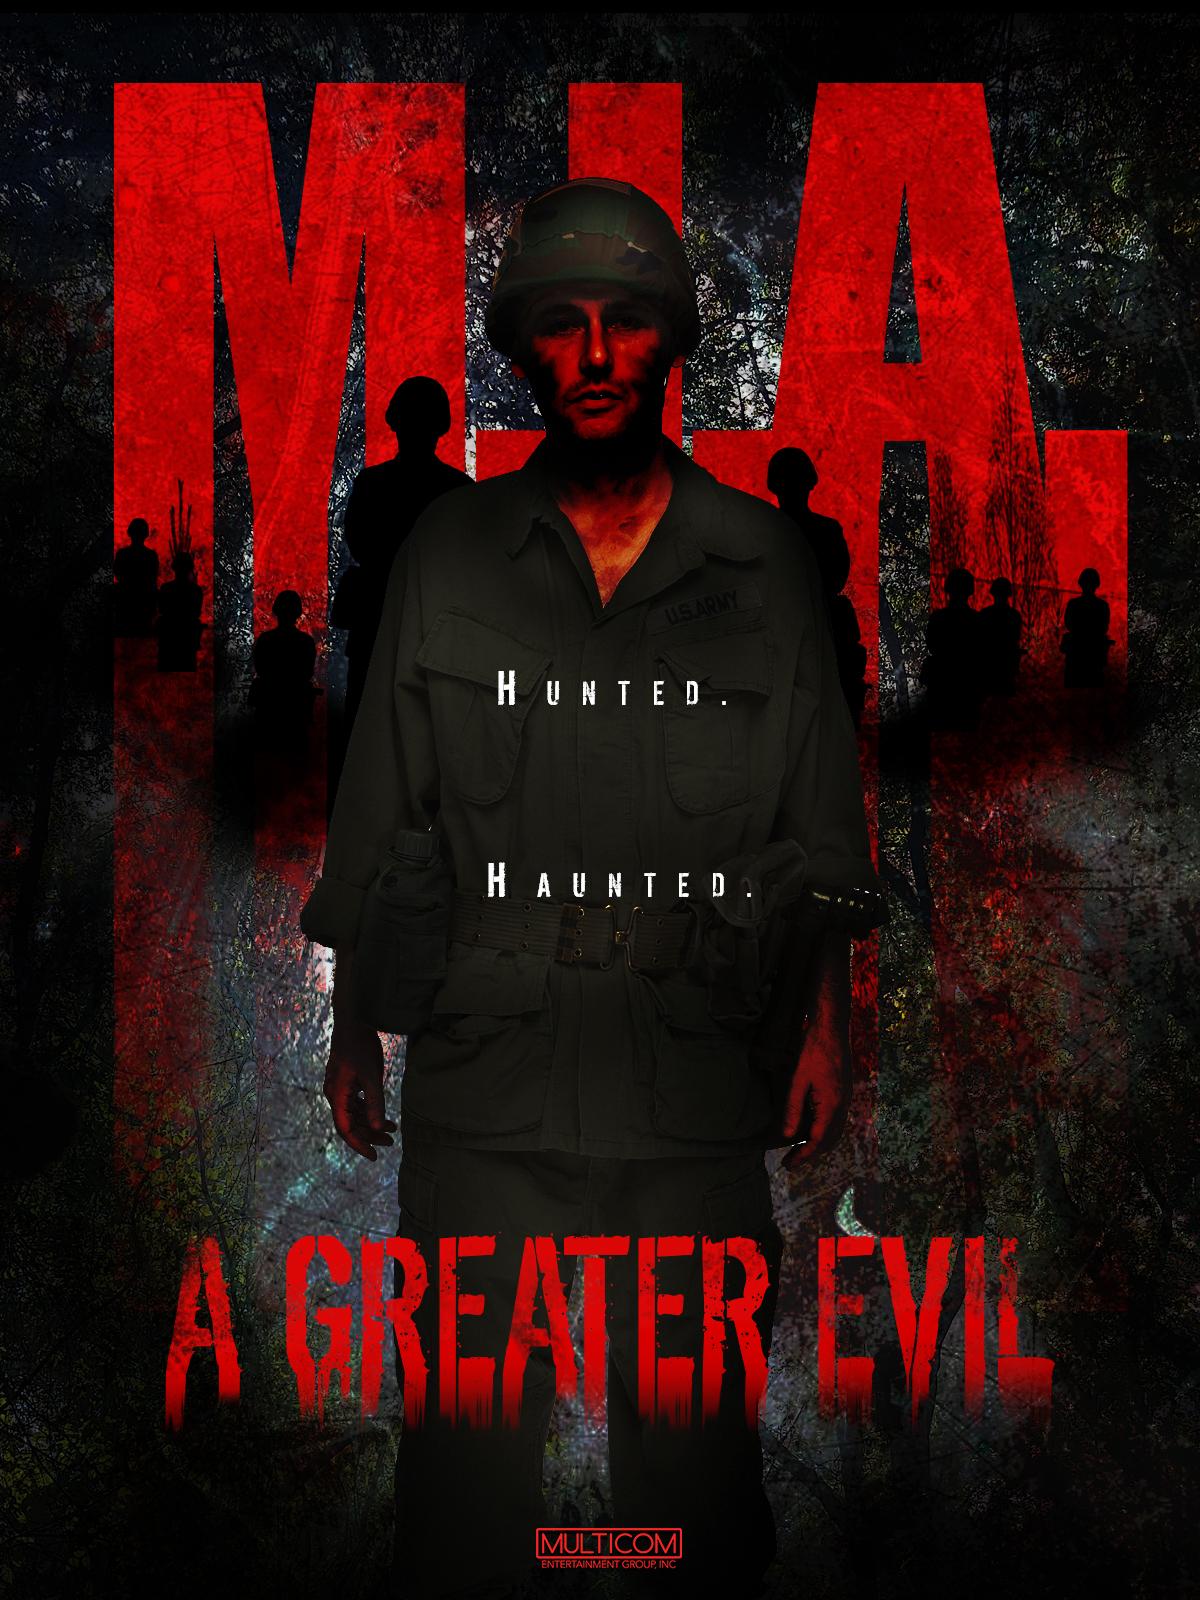 Resultado de imagem para m.i.a. a greater evil movie